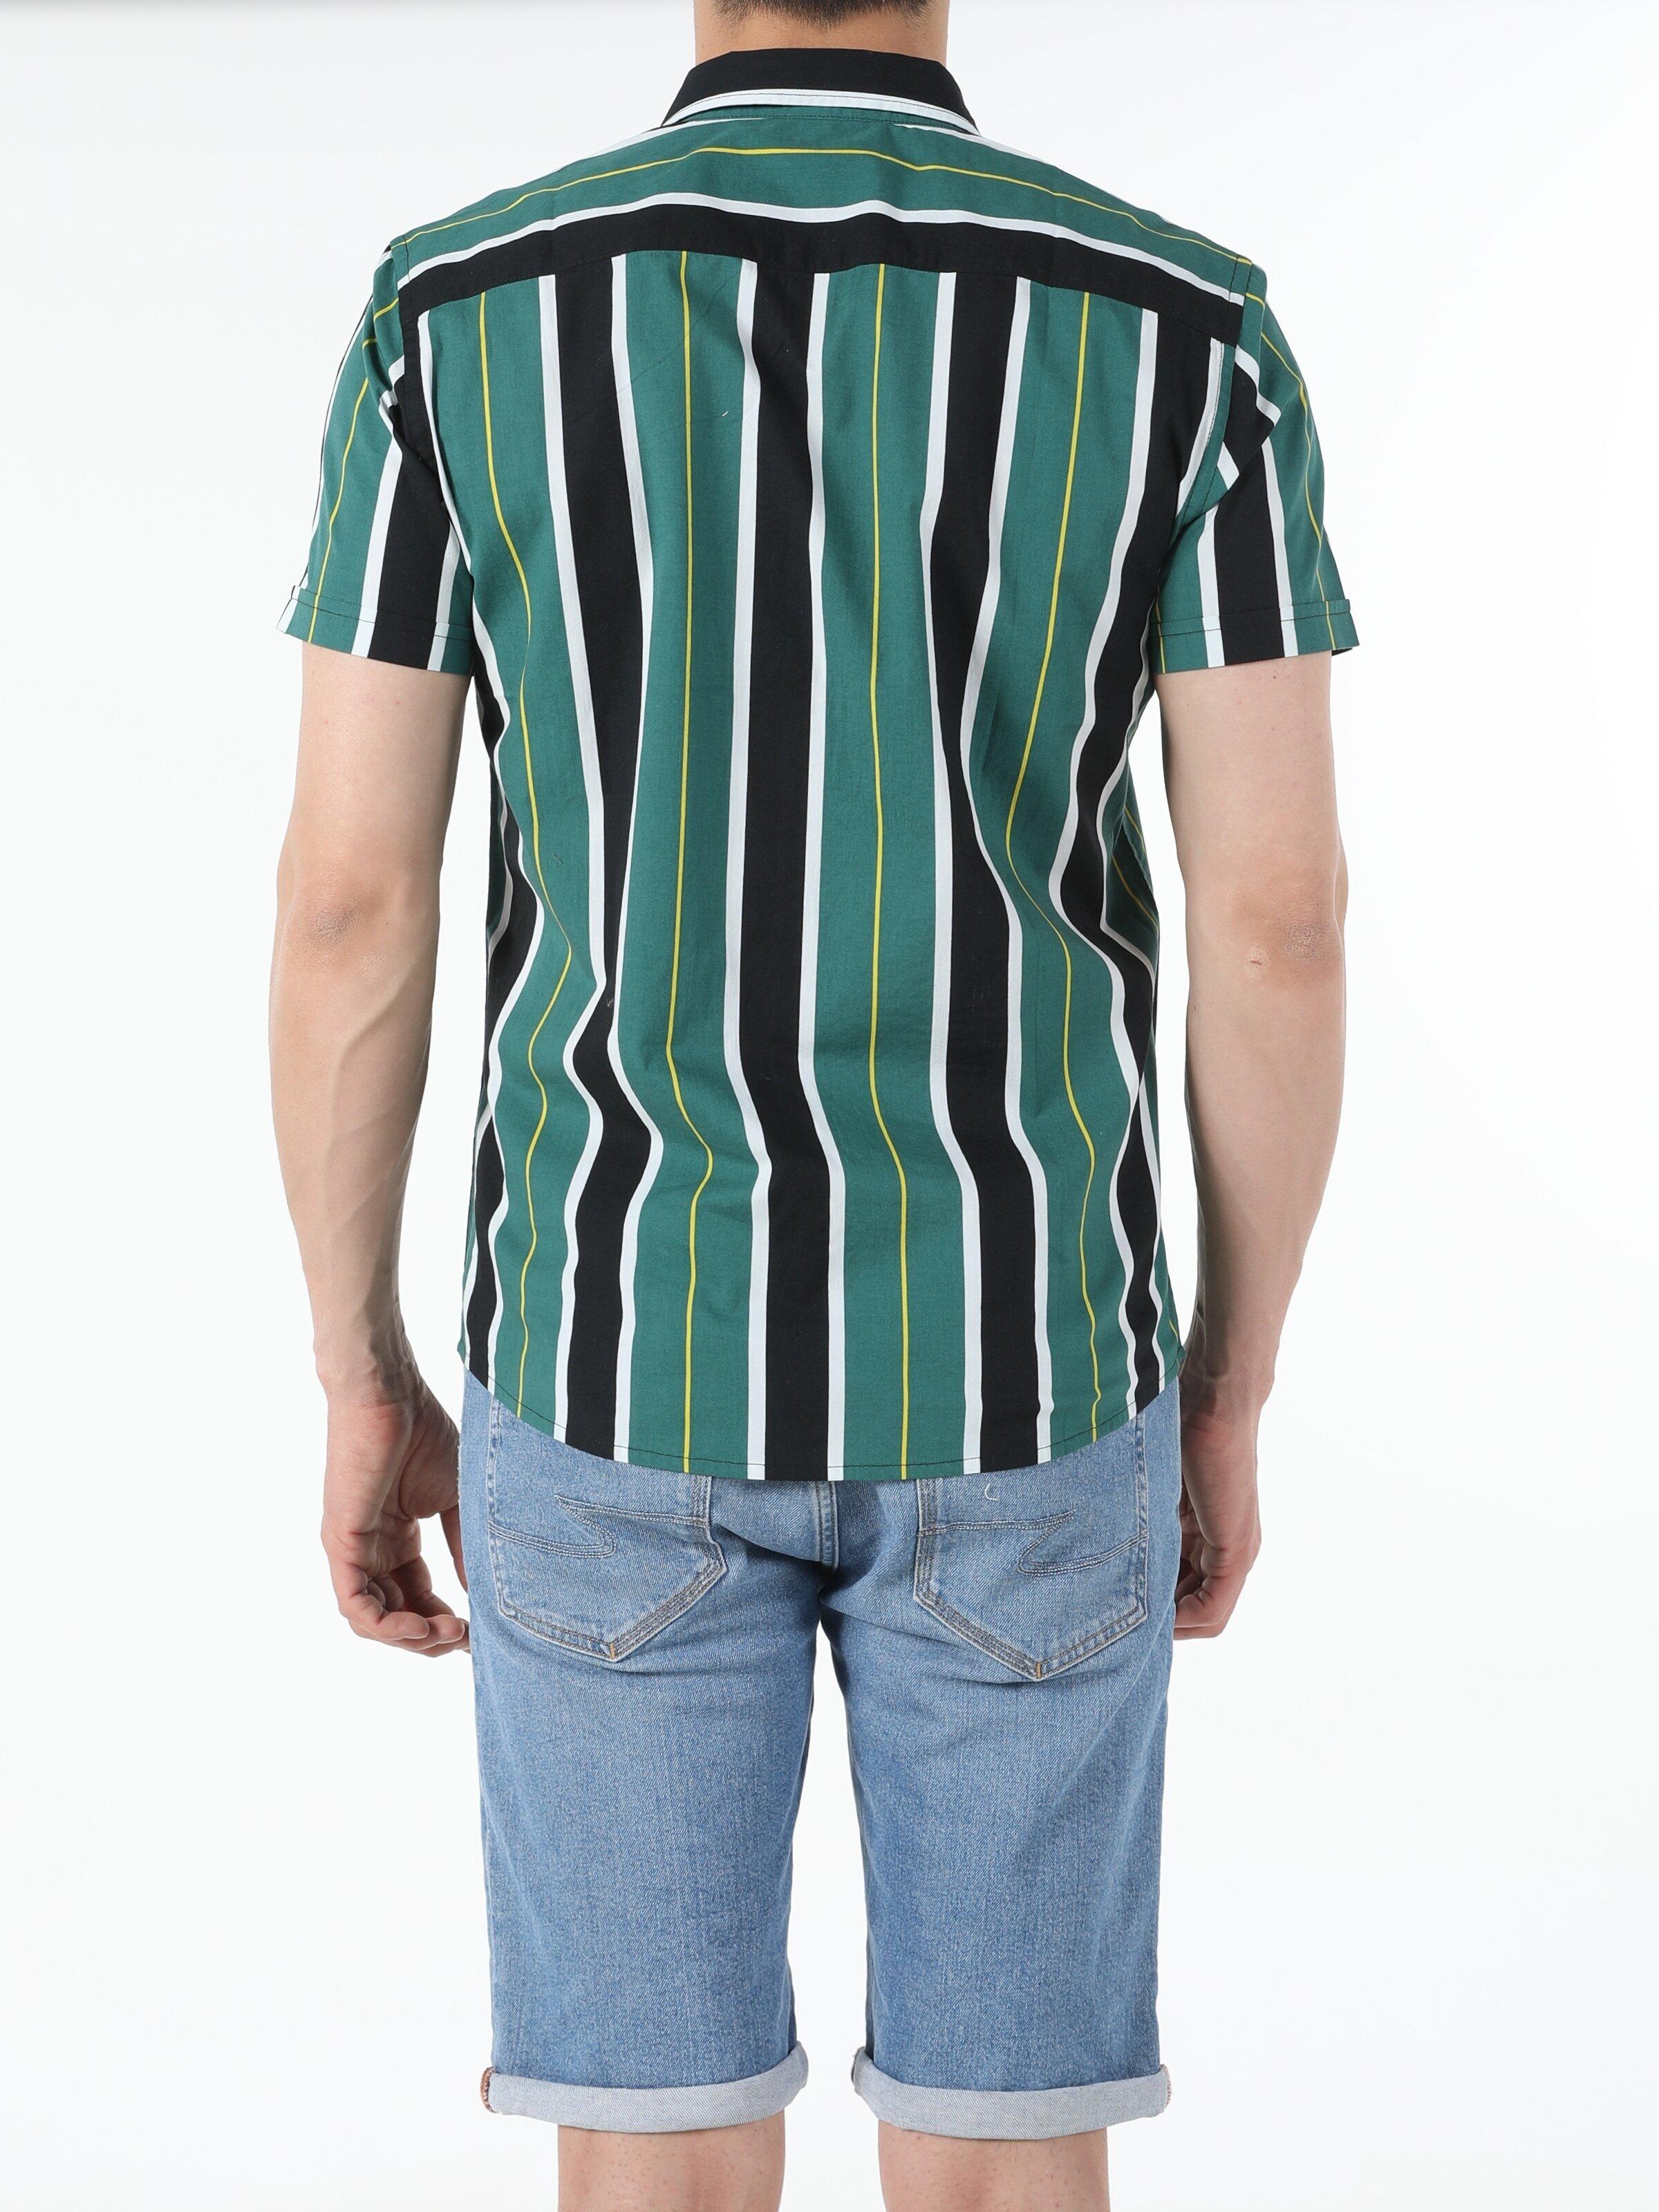 Показати інформацію про Сорочка З Коротким Рукавом Чоловіча Зелена Вузького Крою Cl1054247